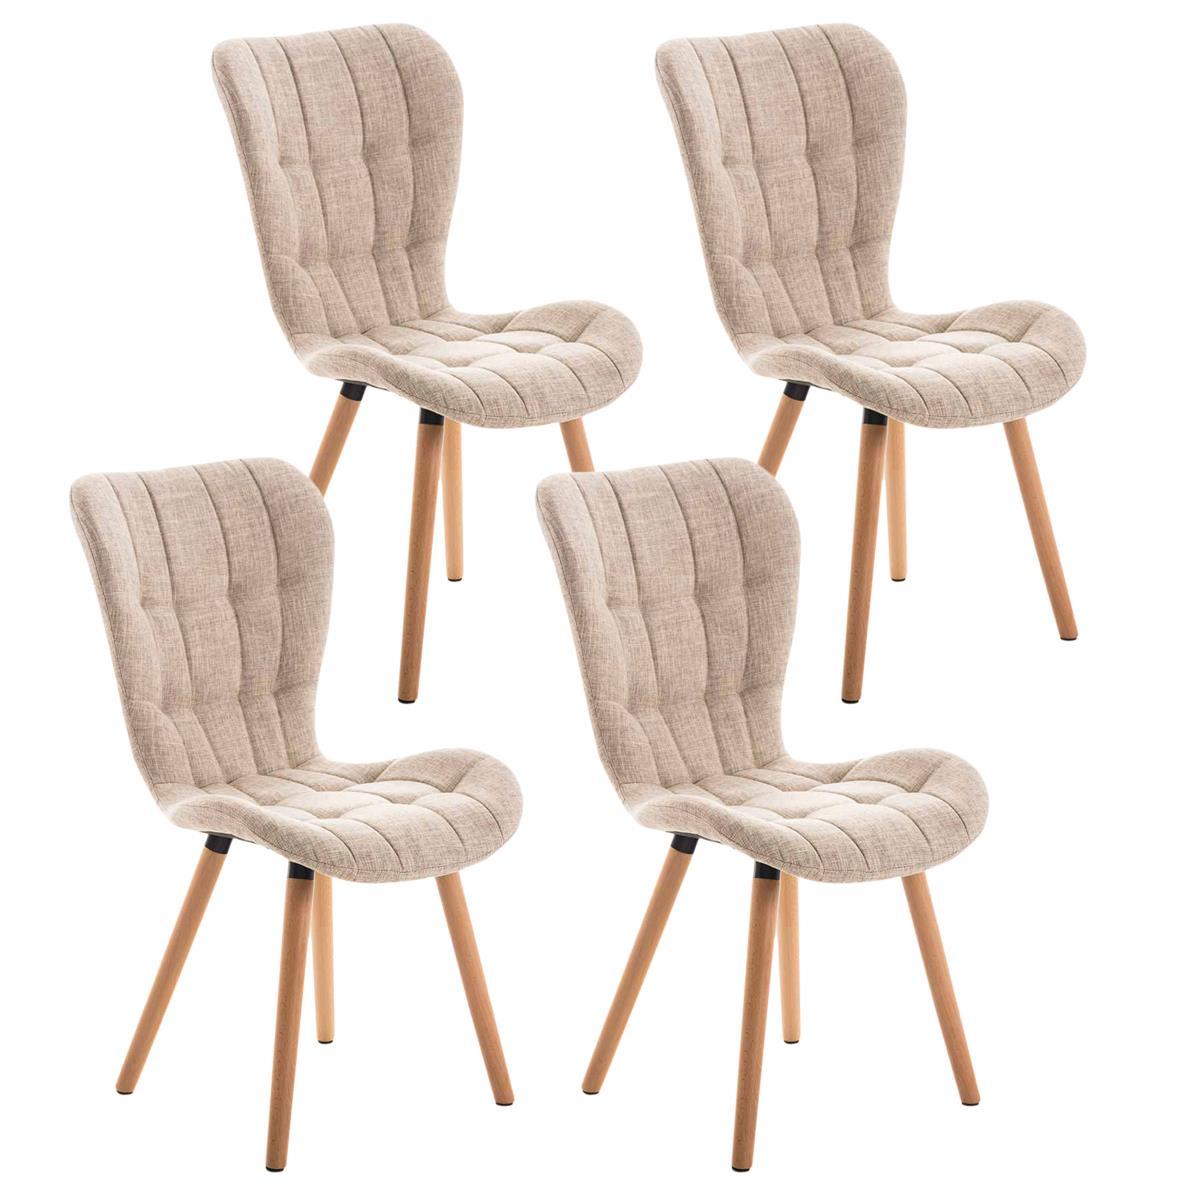 Lote de 4 sillas de comedor padua con capiton y for Sillas de tela comedor